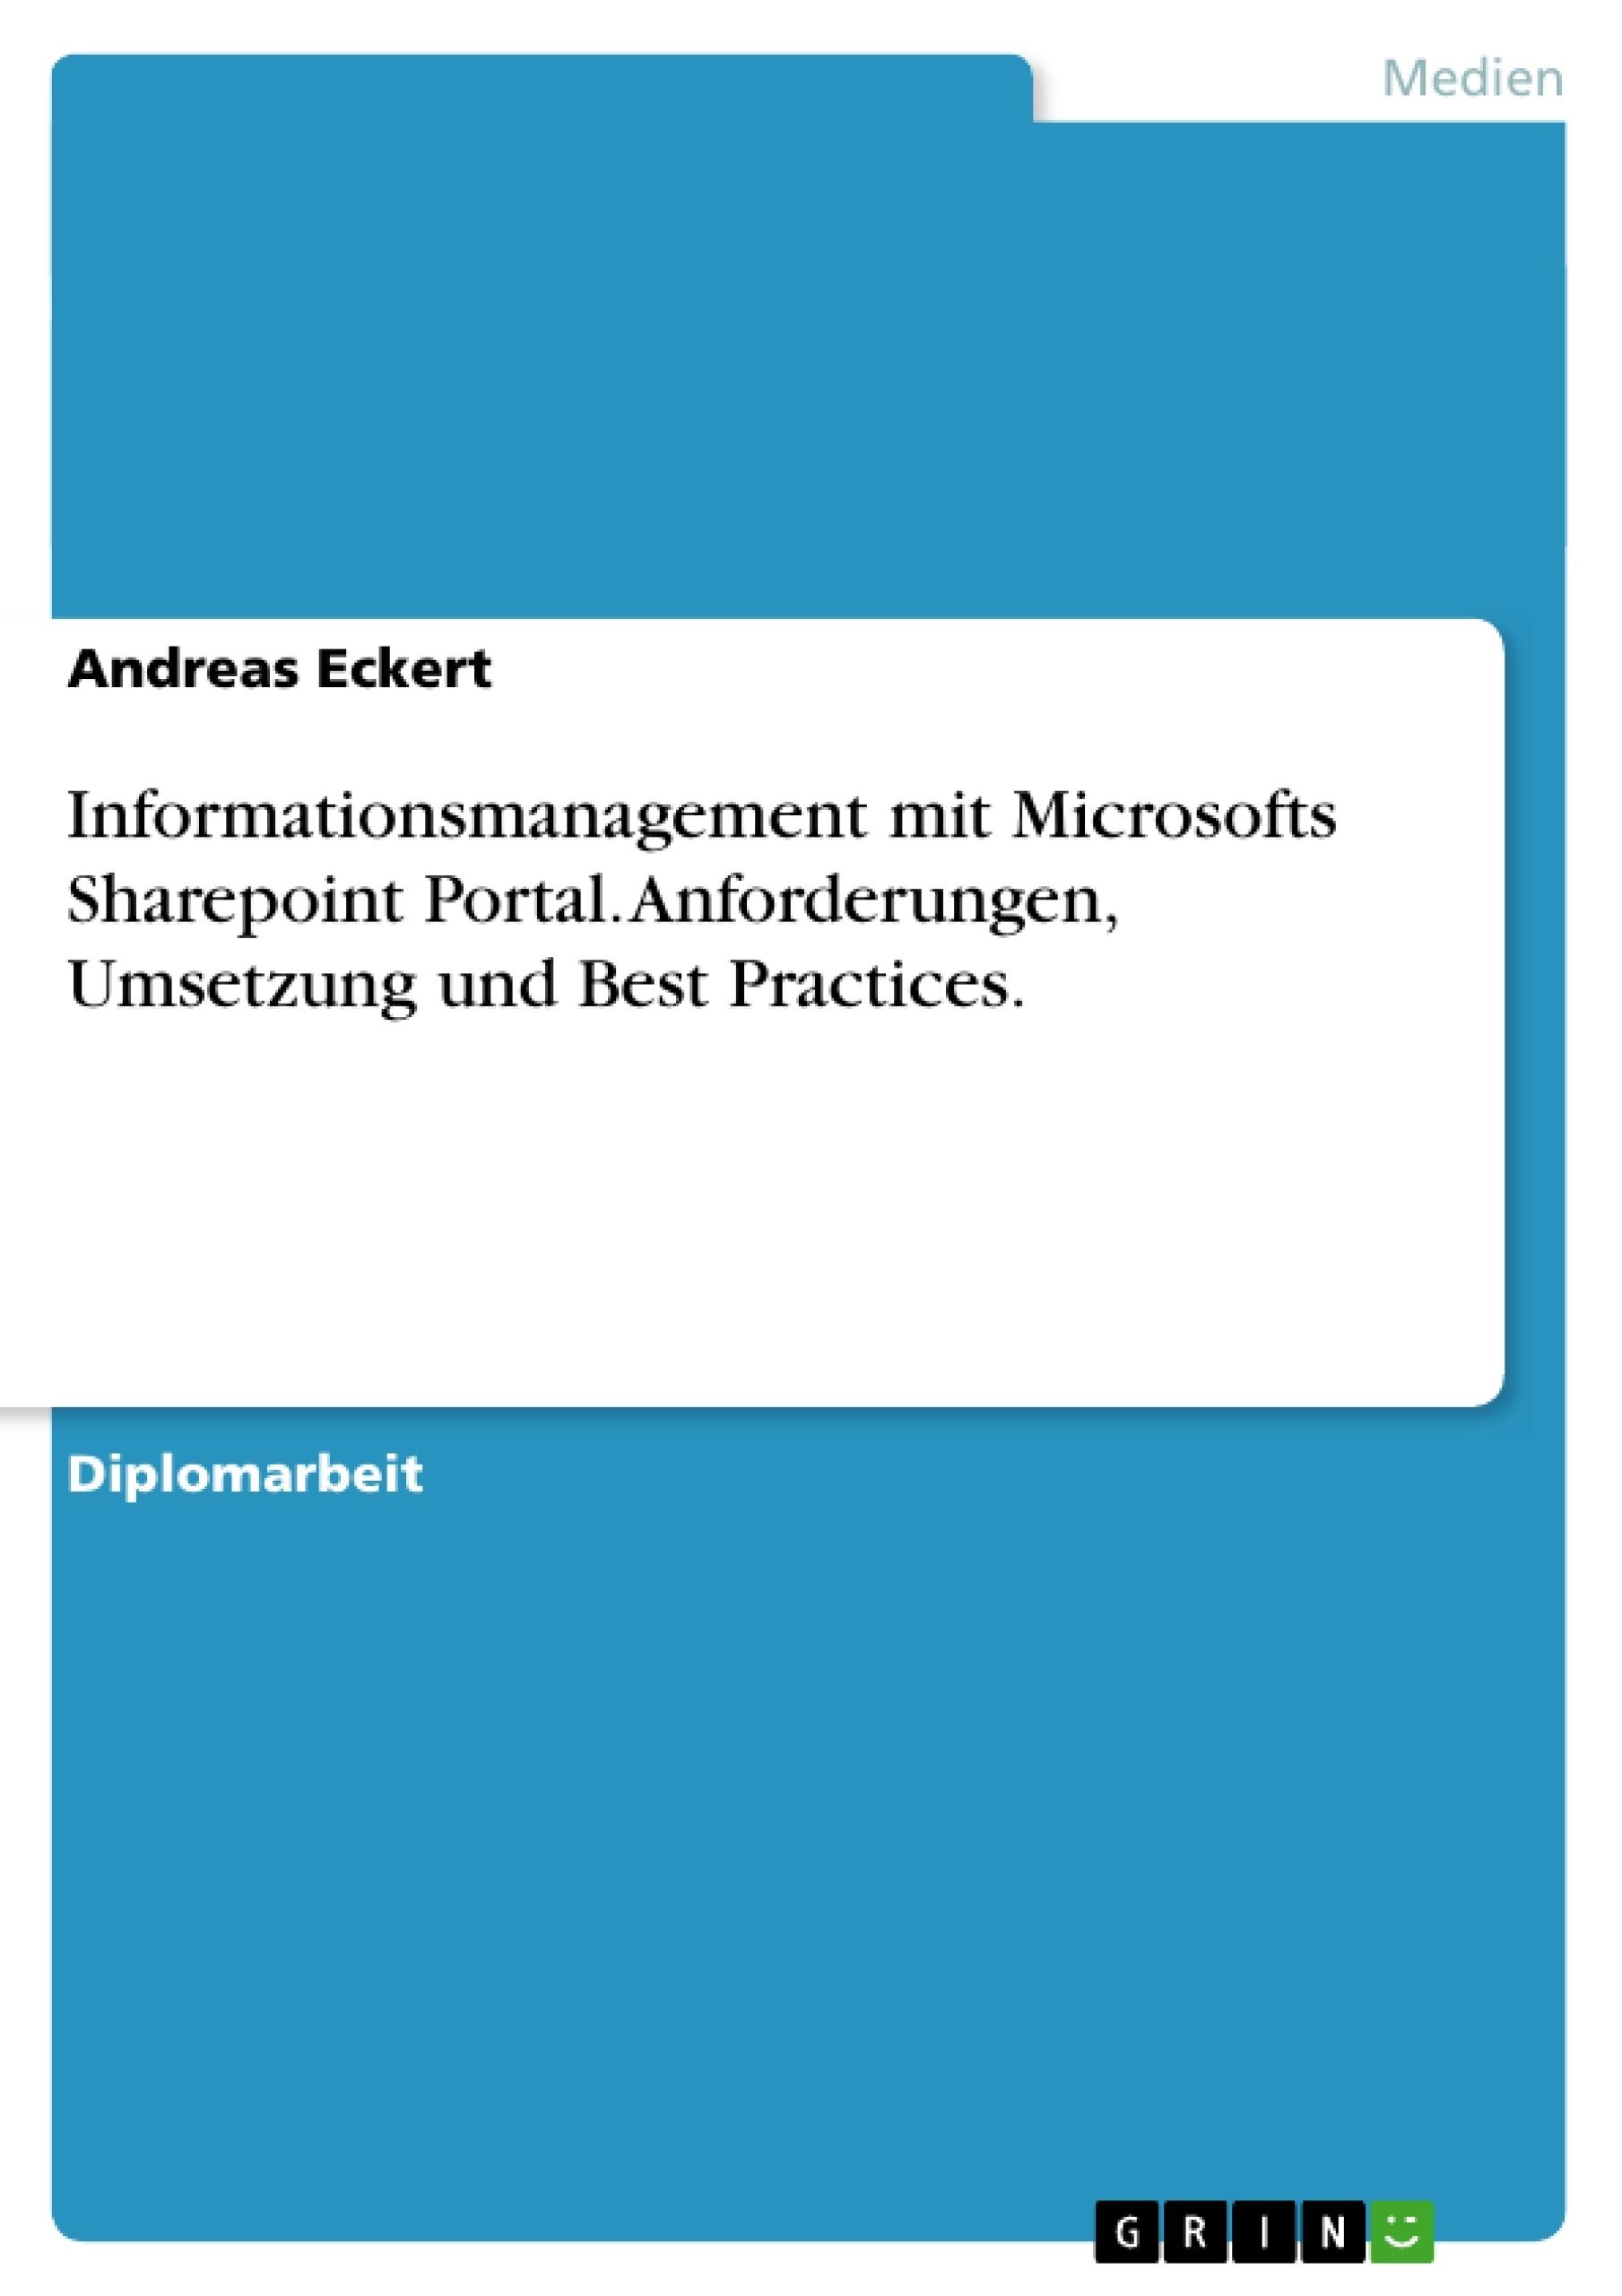 Titel: Informationsmanagement mit Microsofts Sharepoint Portal. Anforderungen, Umsetzung und Best Practices.